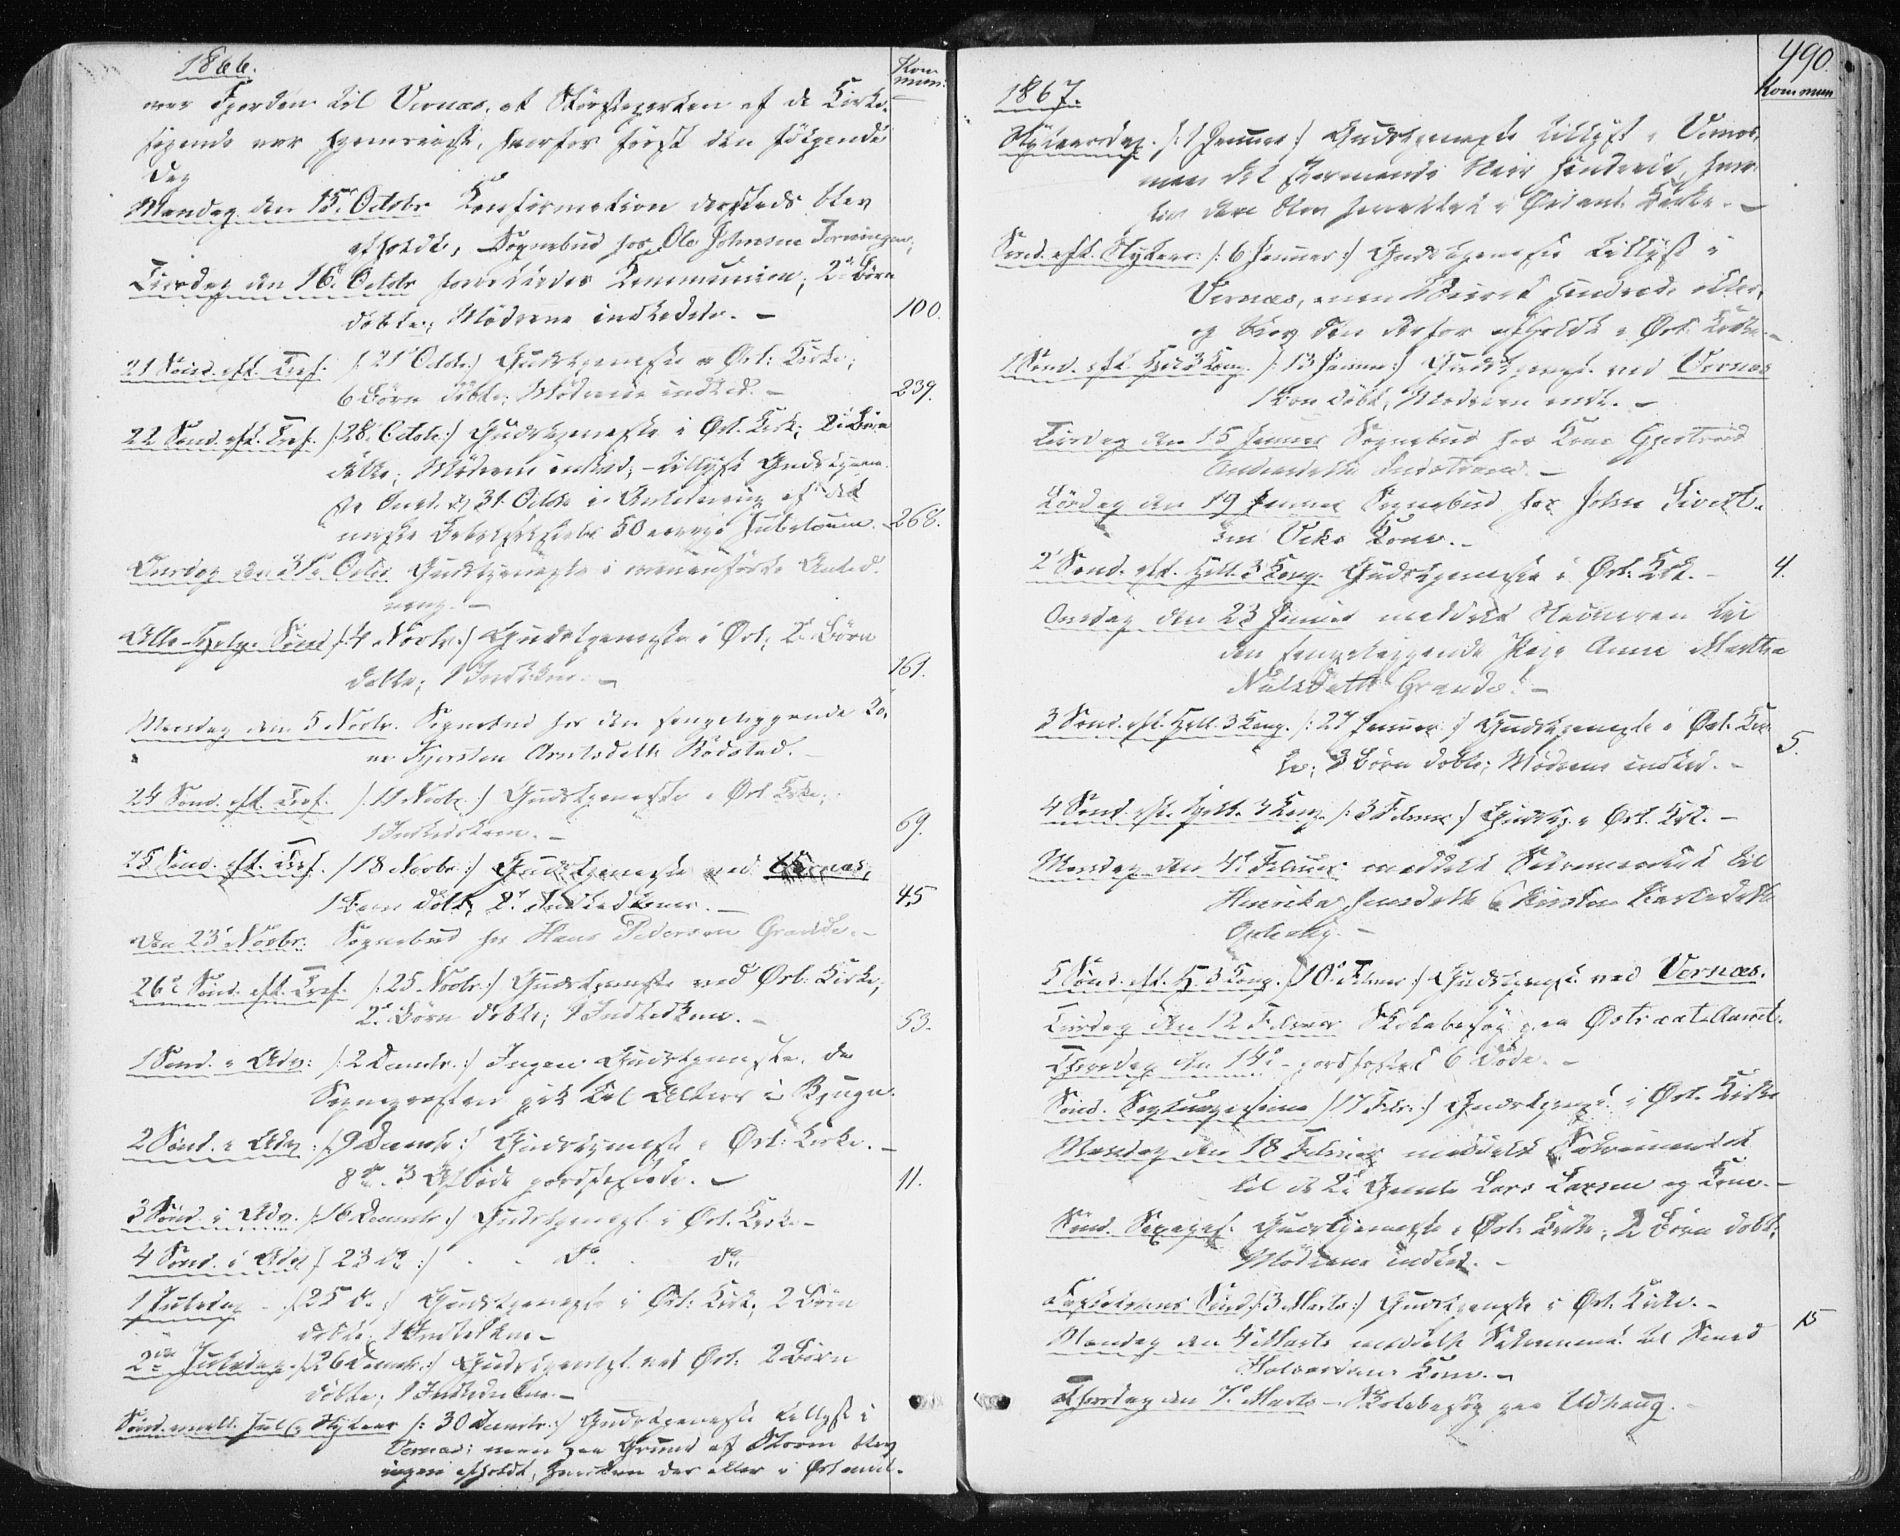 SAT, Ministerialprotokoller, klokkerbøker og fødselsregistre - Sør-Trøndelag, 659/L0737: Ministerialbok nr. 659A07, 1857-1875, s. 490